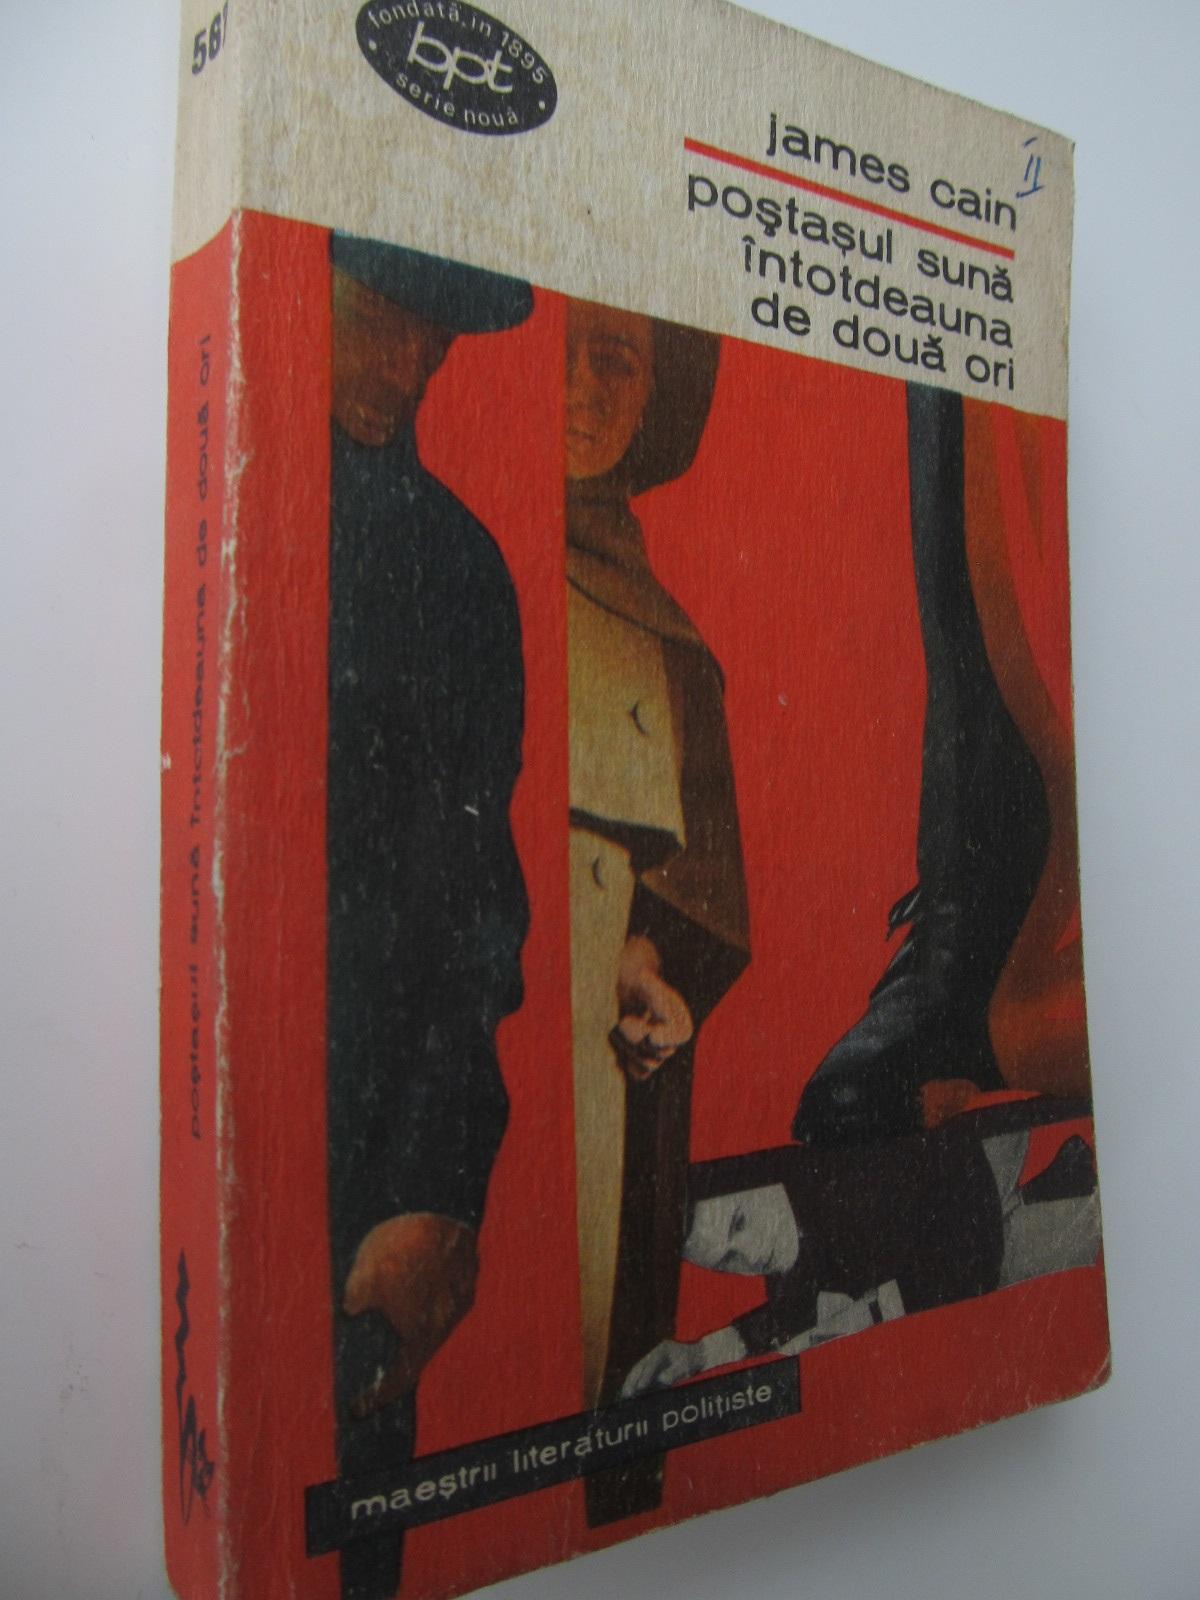 Postasul suna intodeauna de doua ori - James Cain | Detalii carte